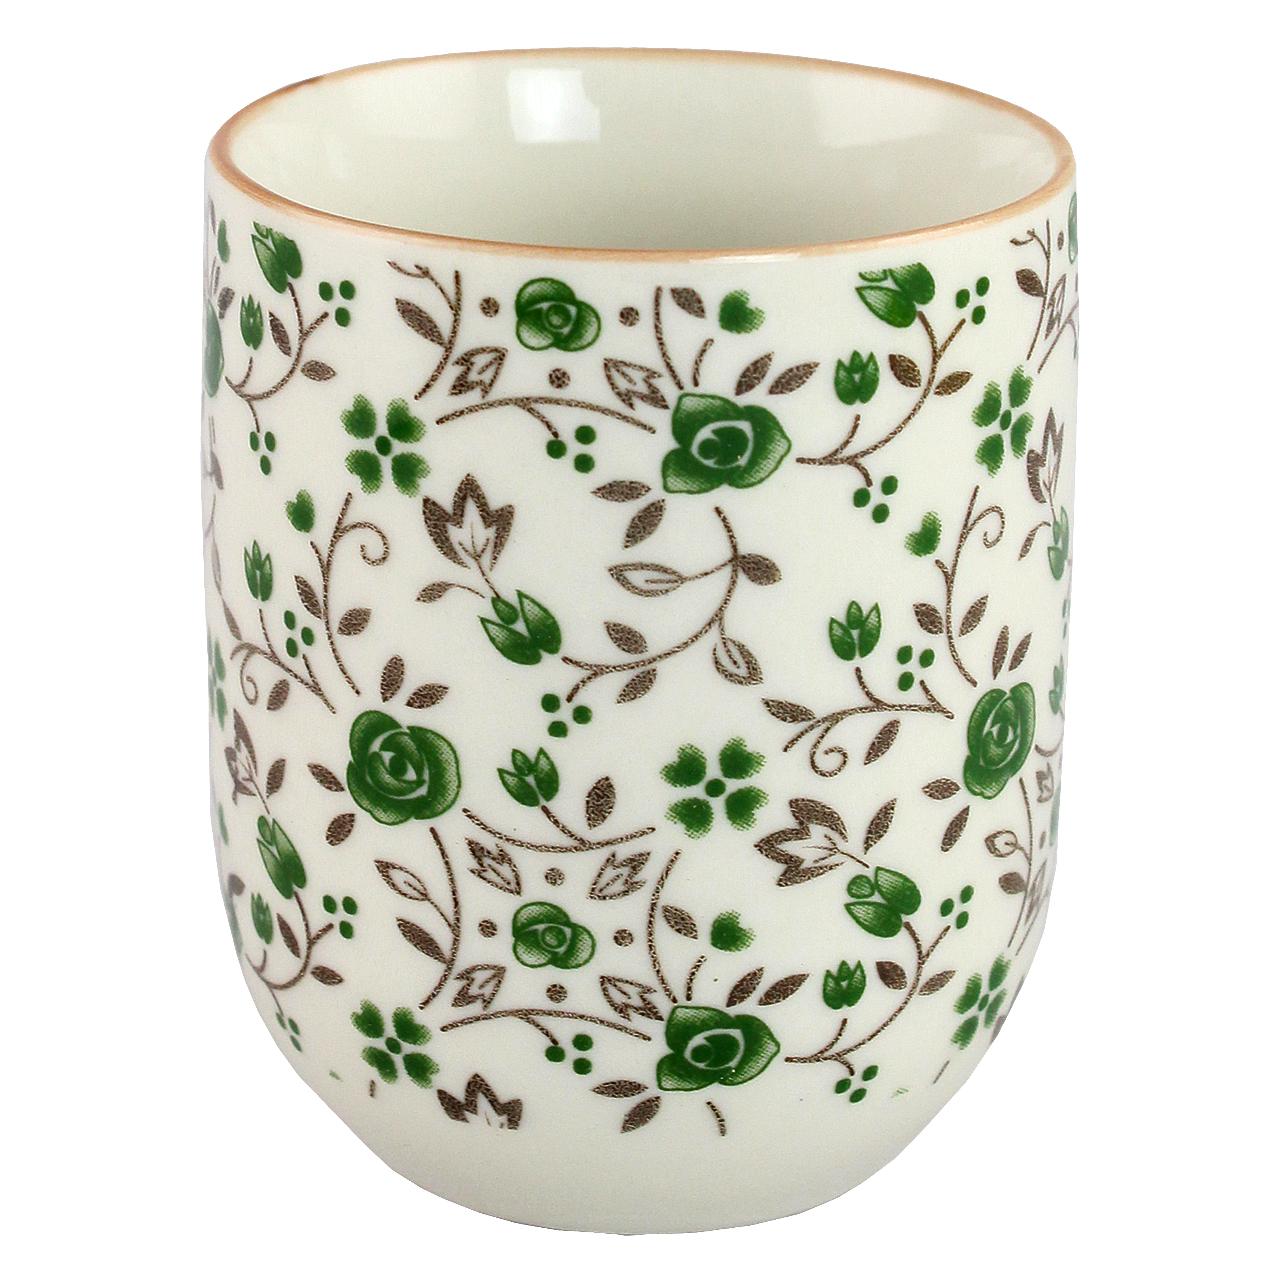 Cana Din Ceramica Cu Flori Verzi